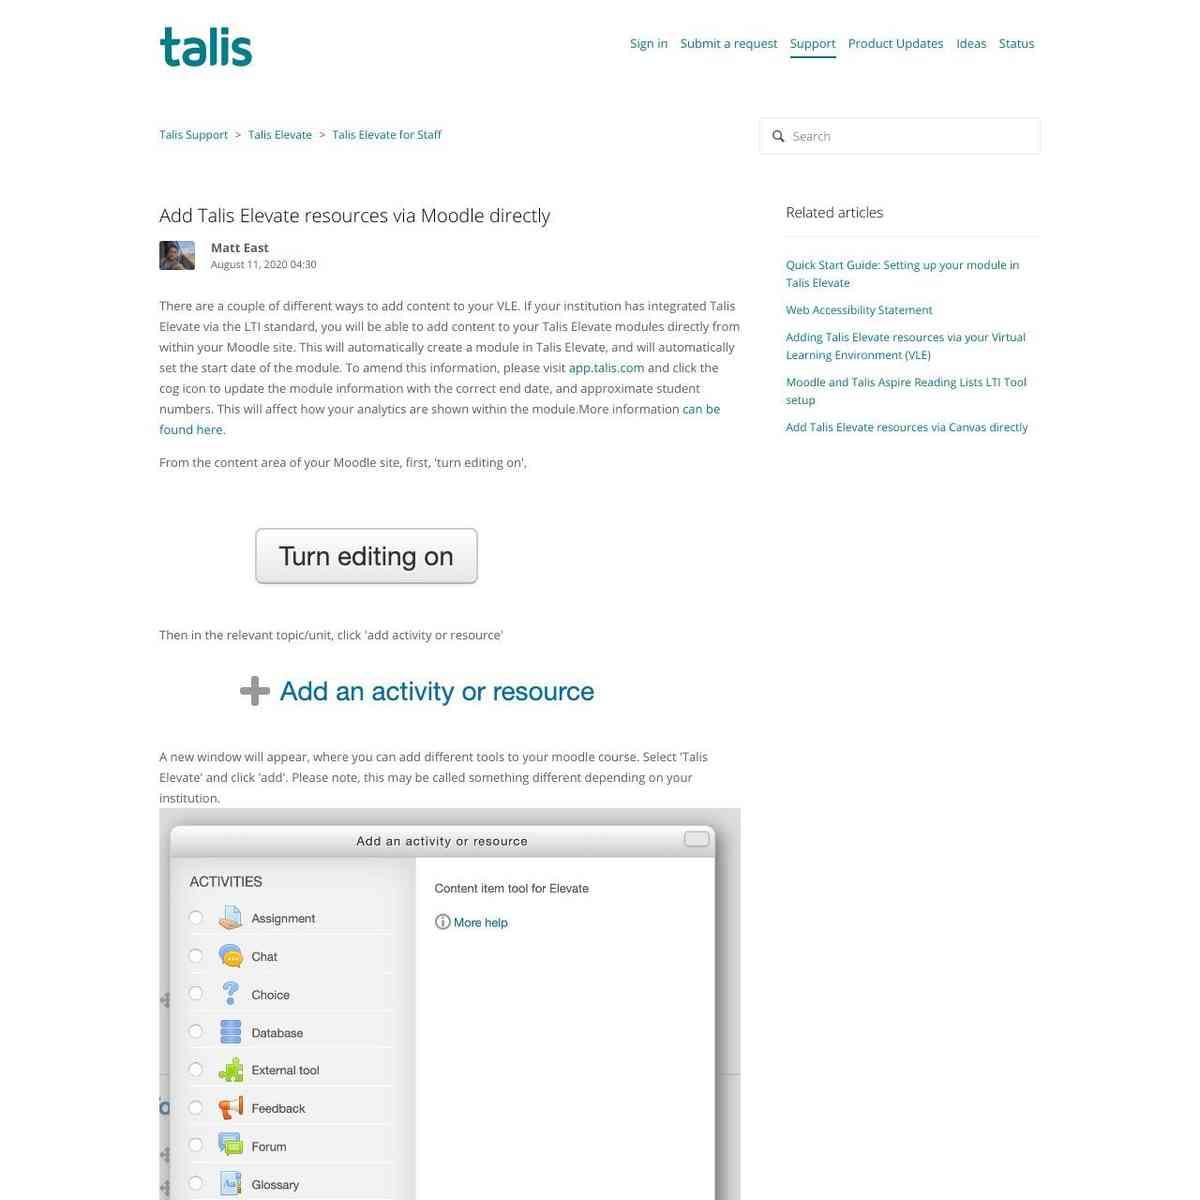 support.talis.com/hc/en-us/articles/360002181897